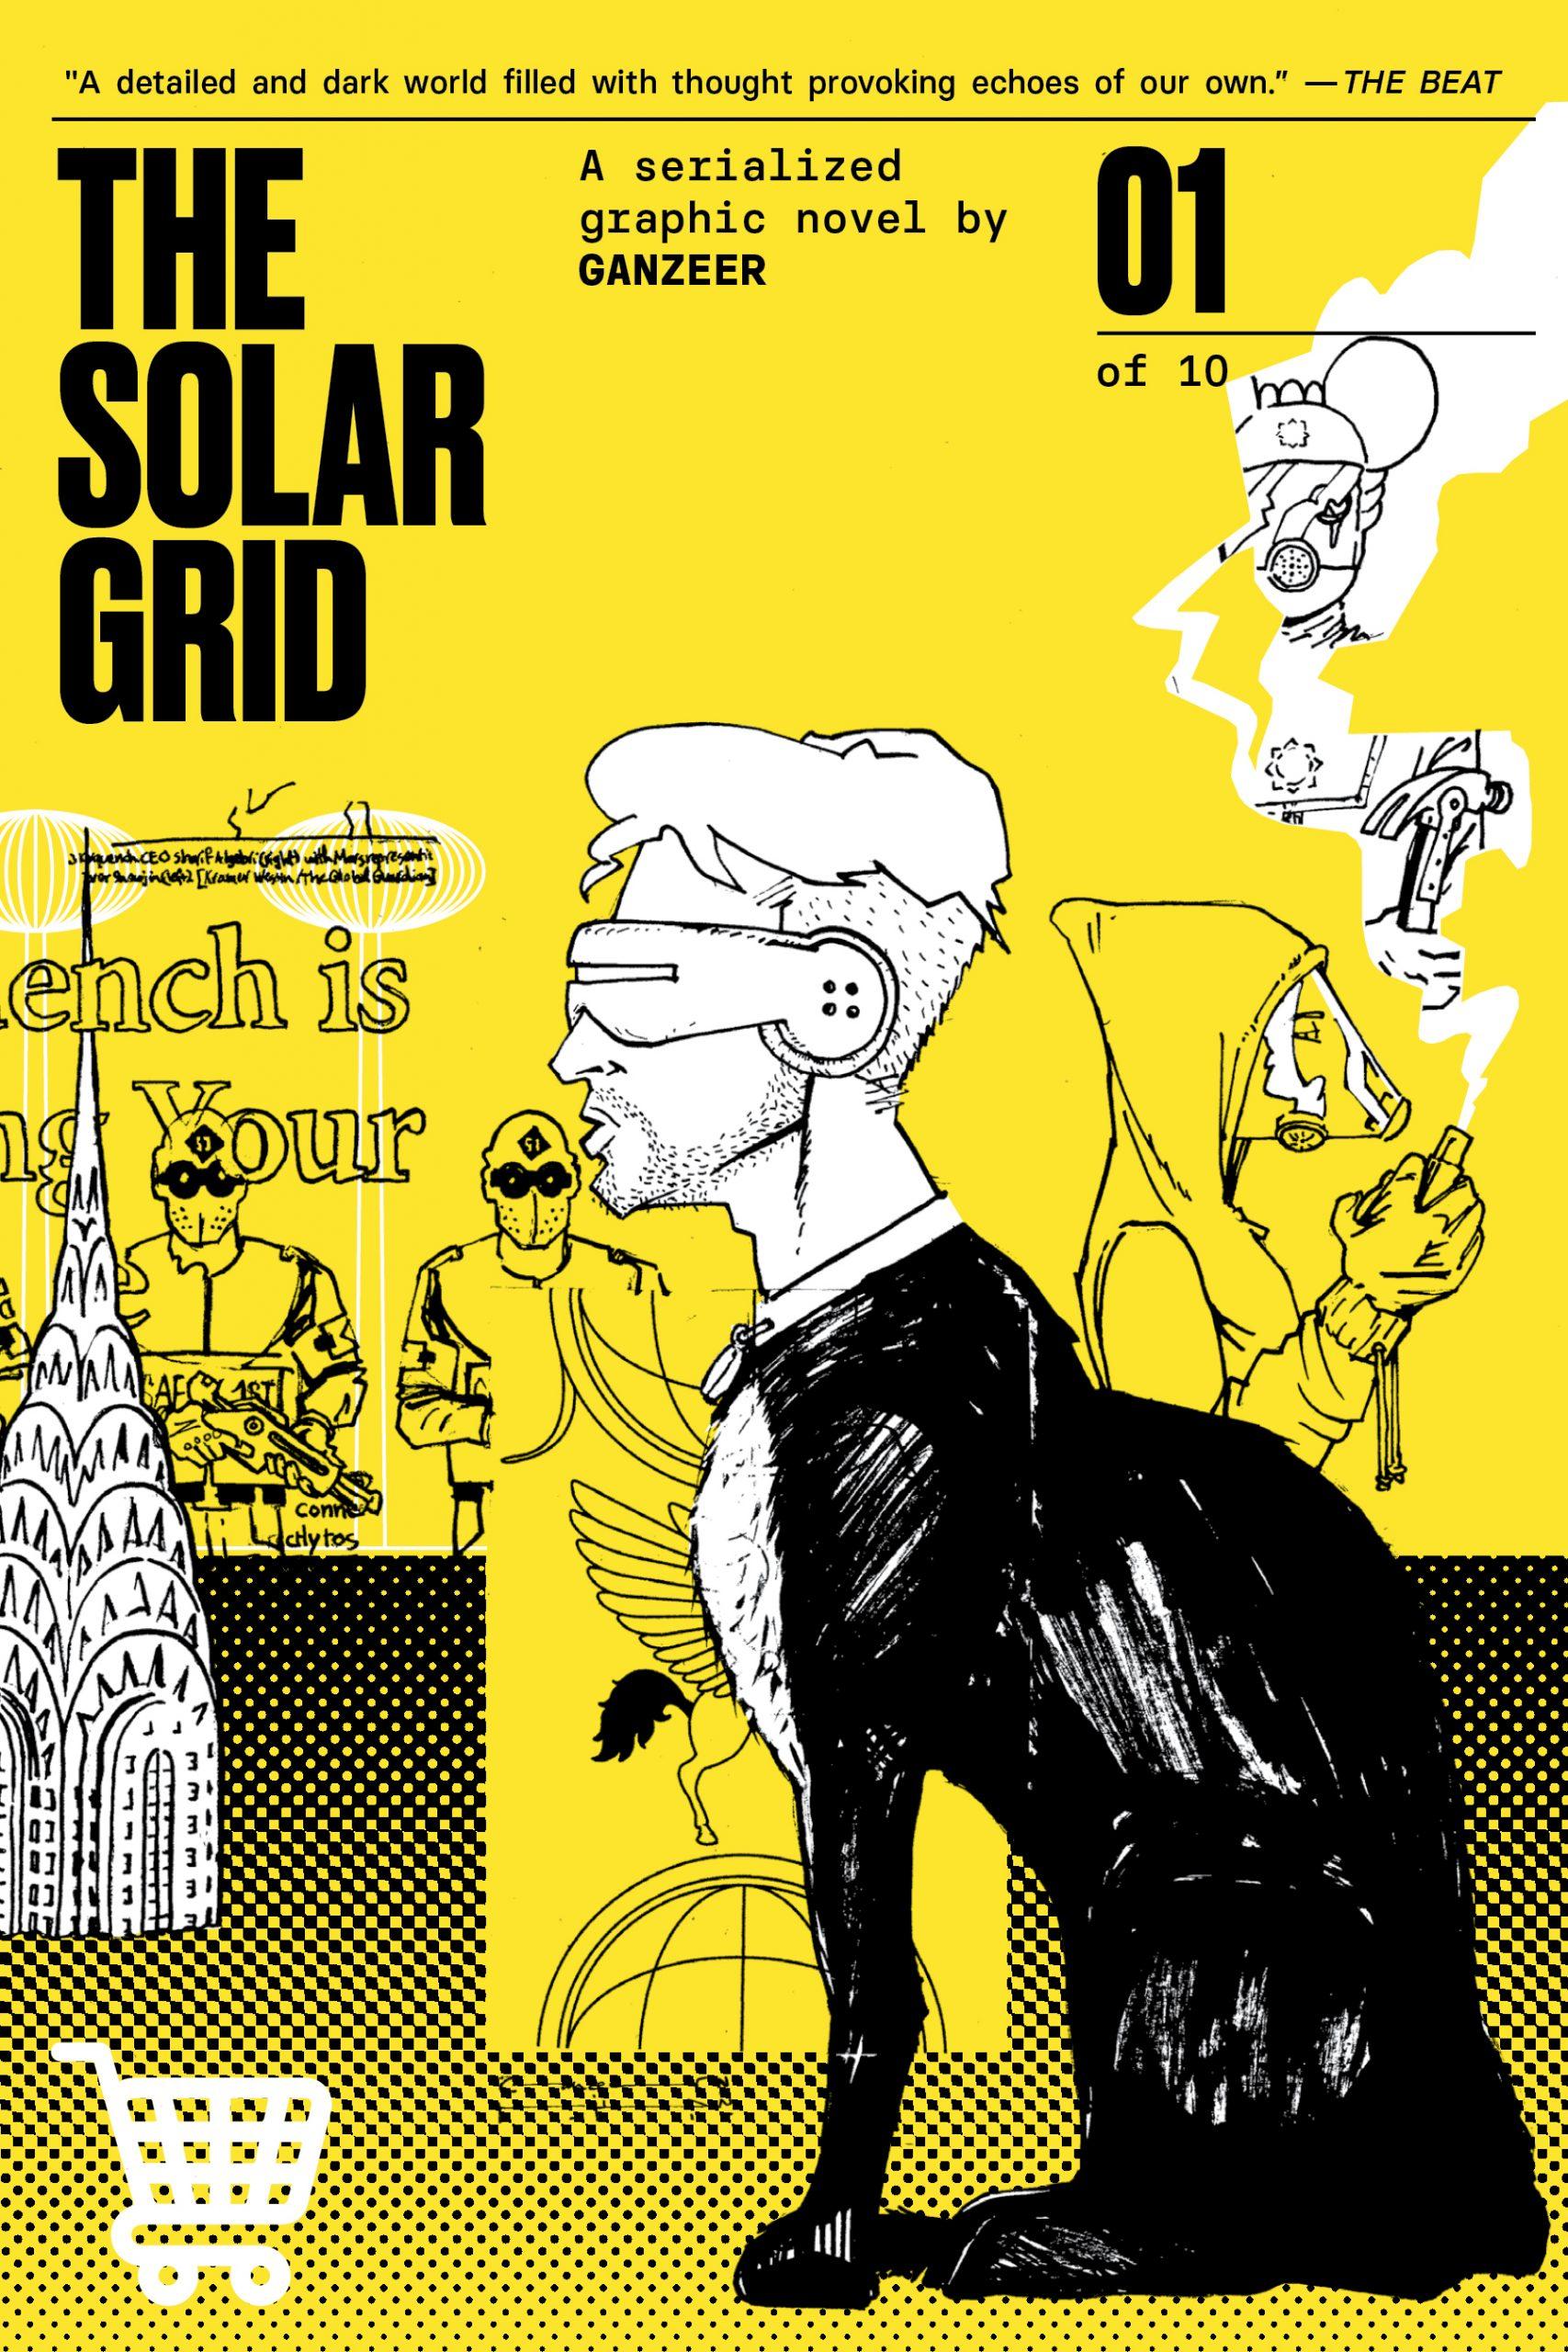 THE SOLAR GRID by Ganzeer